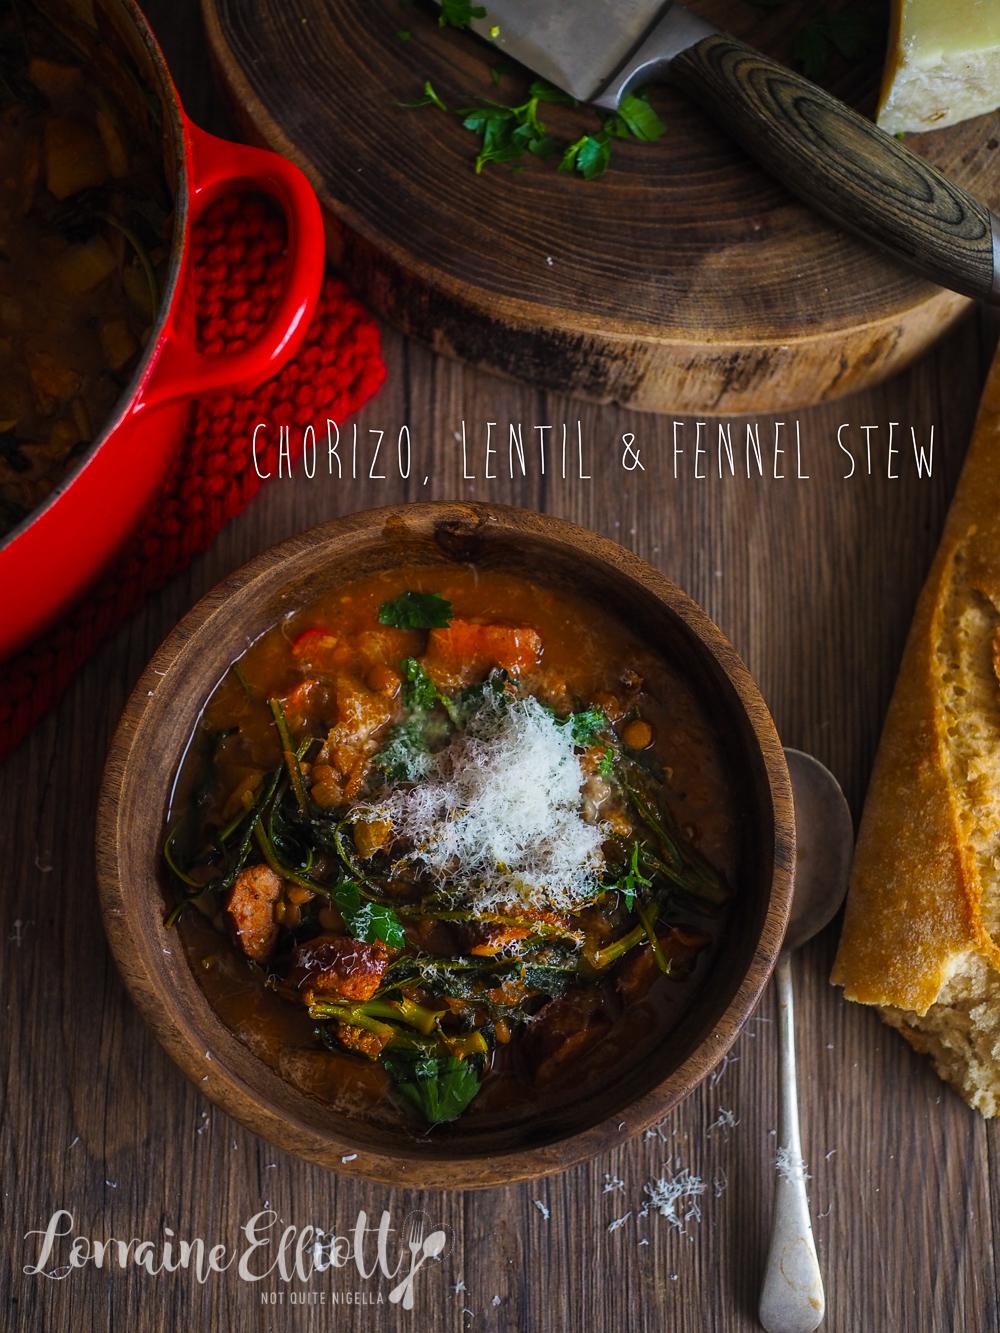 Chorizo, Lentil & Fennel Stew